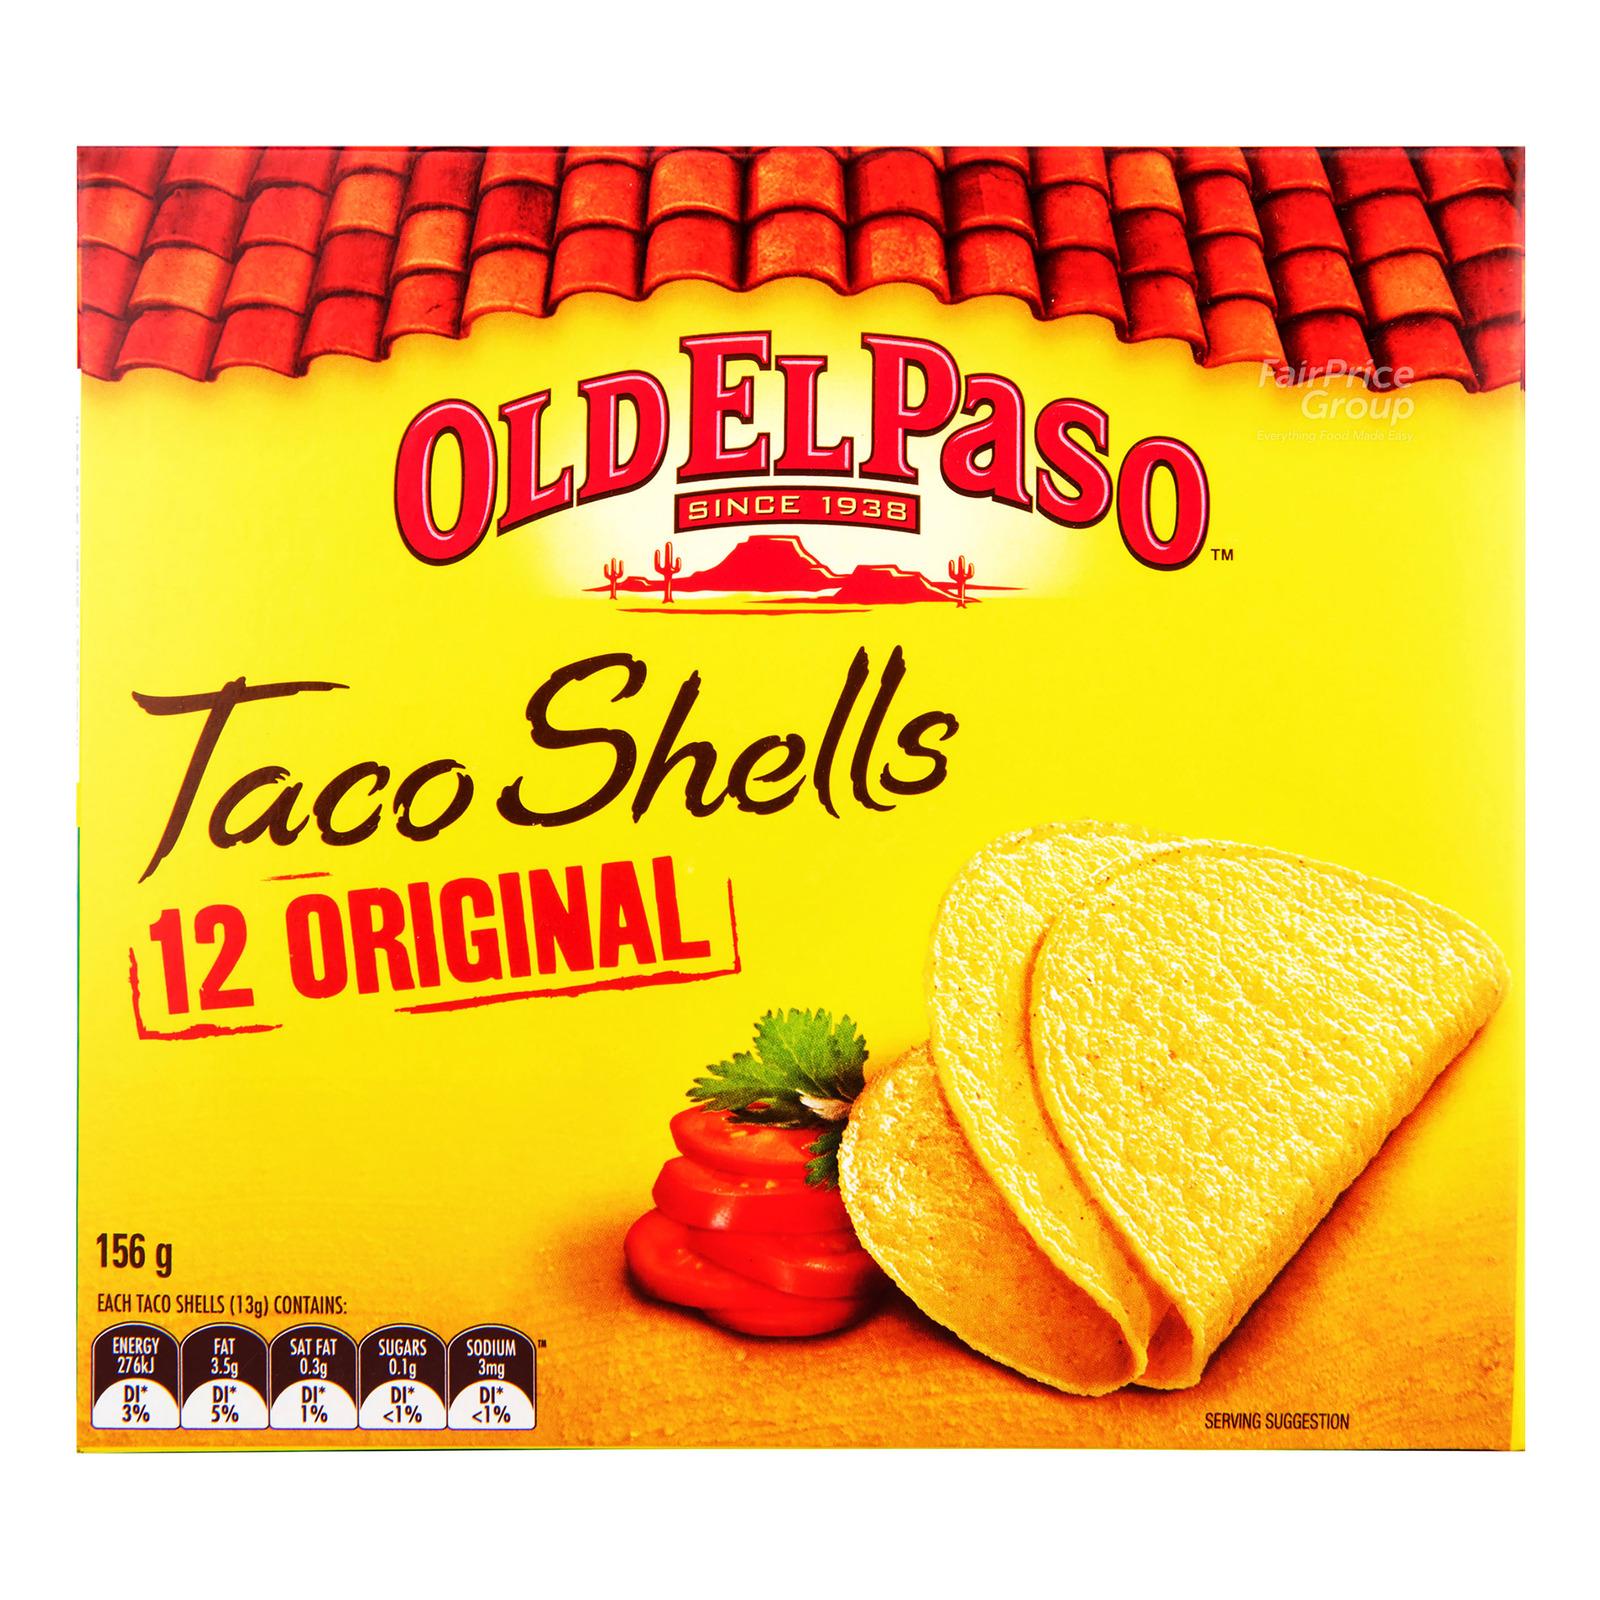 Old El Paso Taco Shells - Original